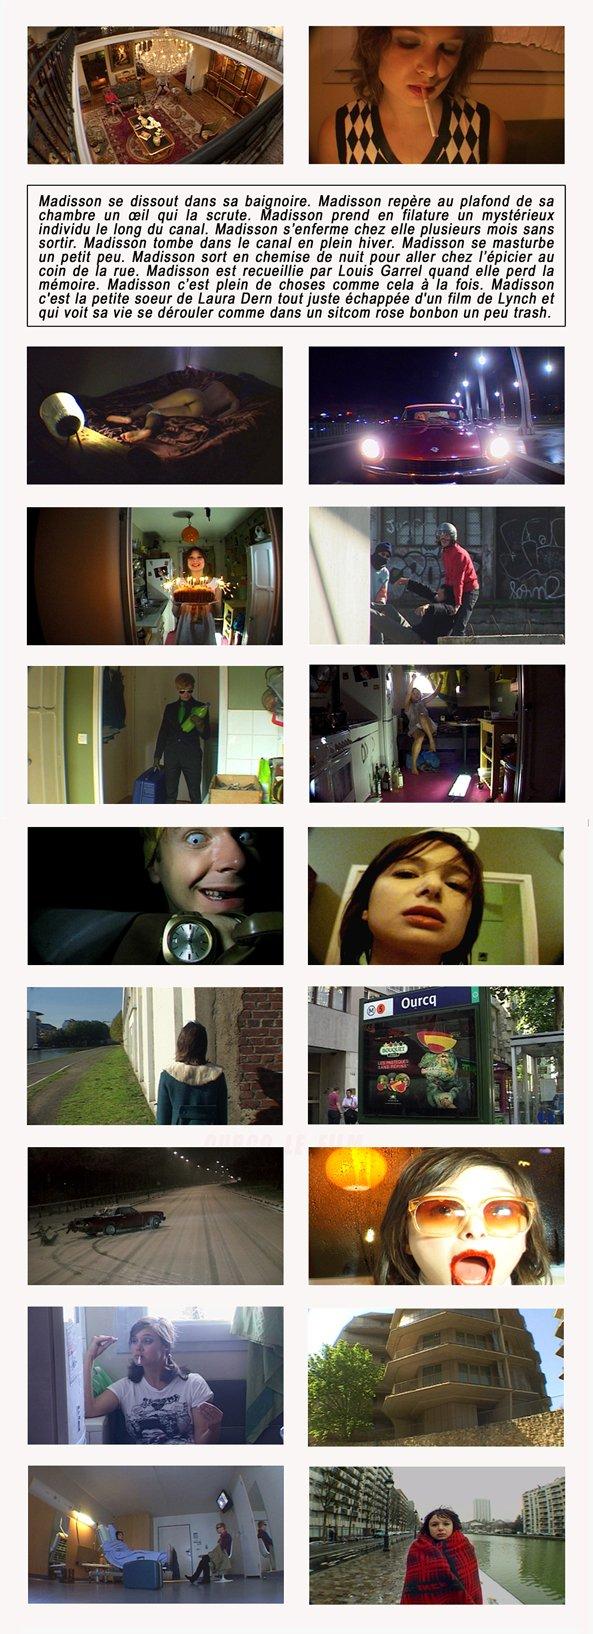 OURCQ TERRIFIC LOVE STORY Eléments Scénaristiques WEB-PHOTOGRAMME1